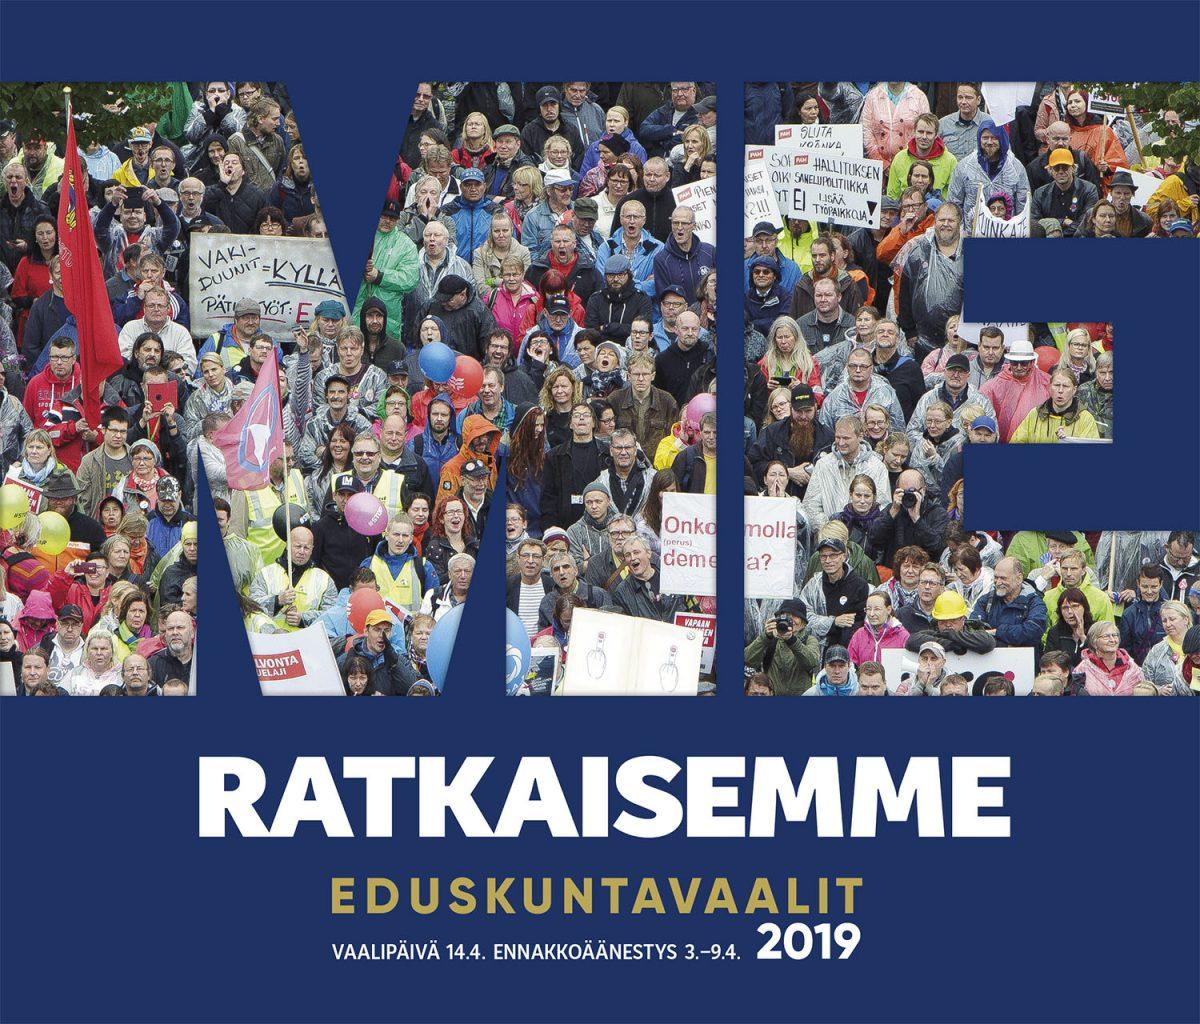 EDUSKUNTAVAALIT: Me ratkaisemme Suomen suunnan – työntekijöiden ääni kuuluviin!